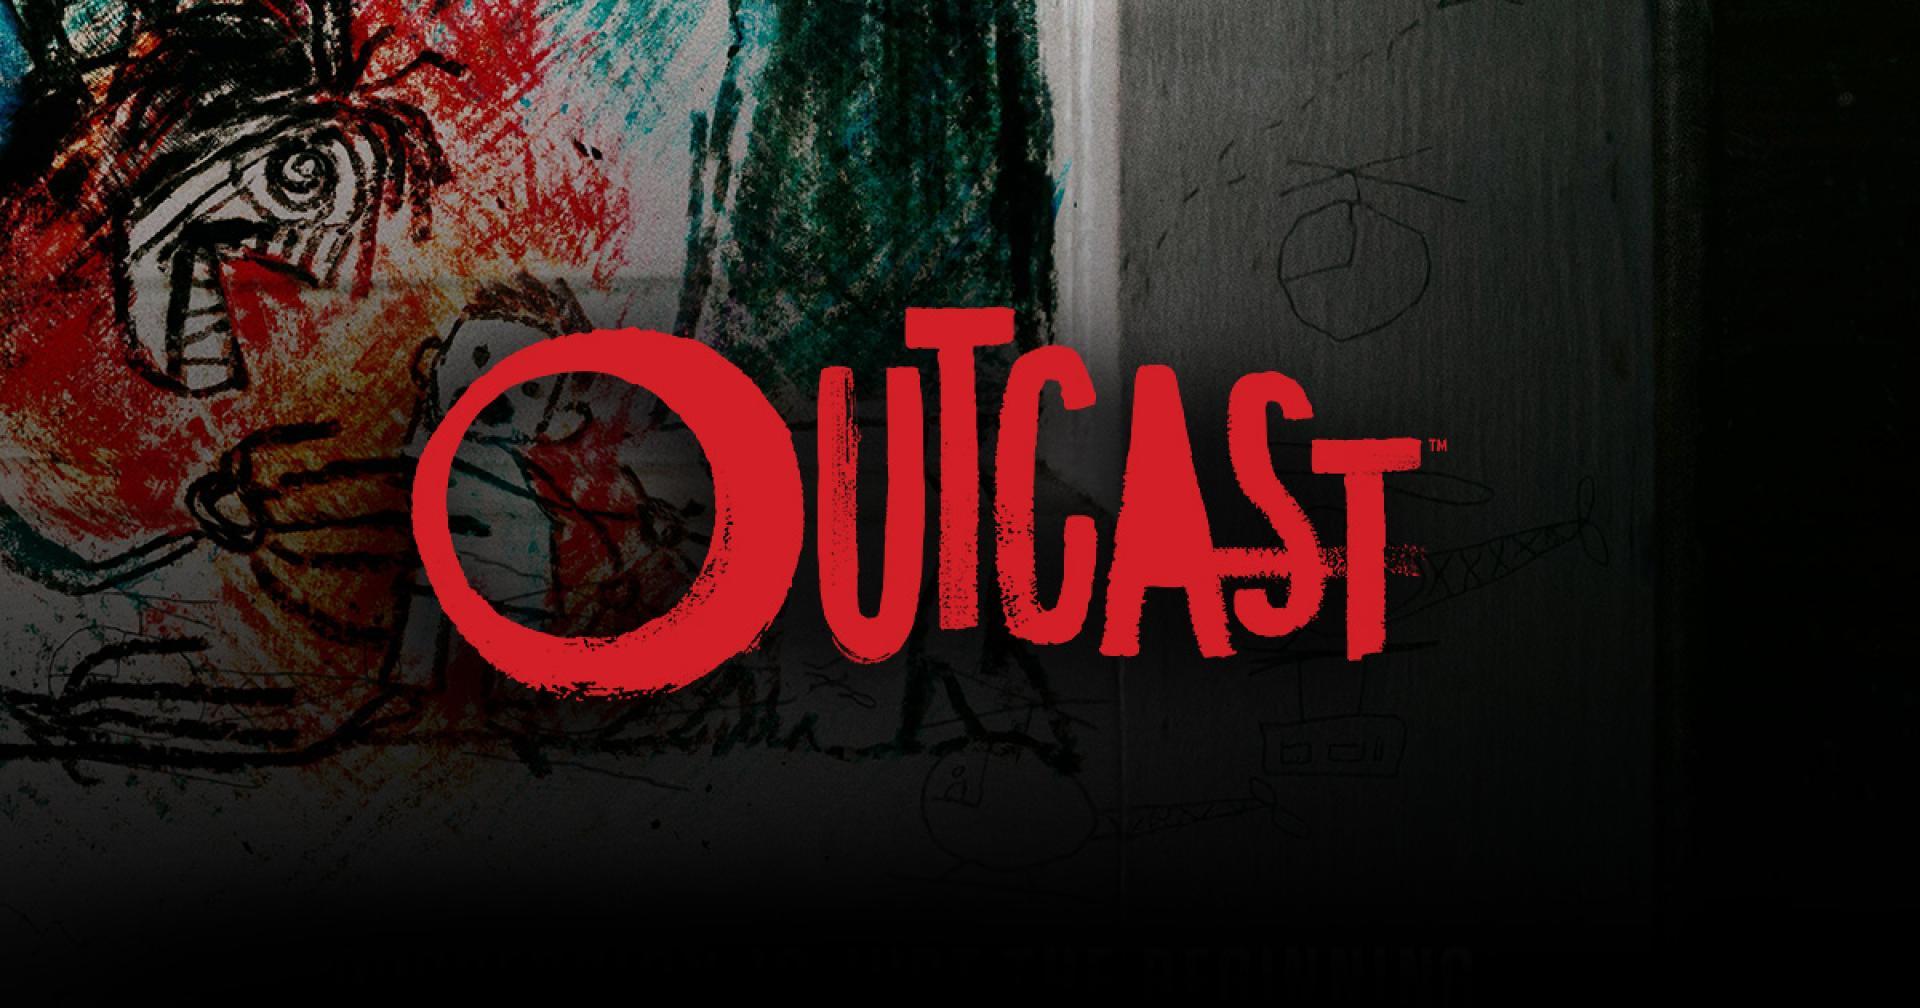 Outcast 1x07